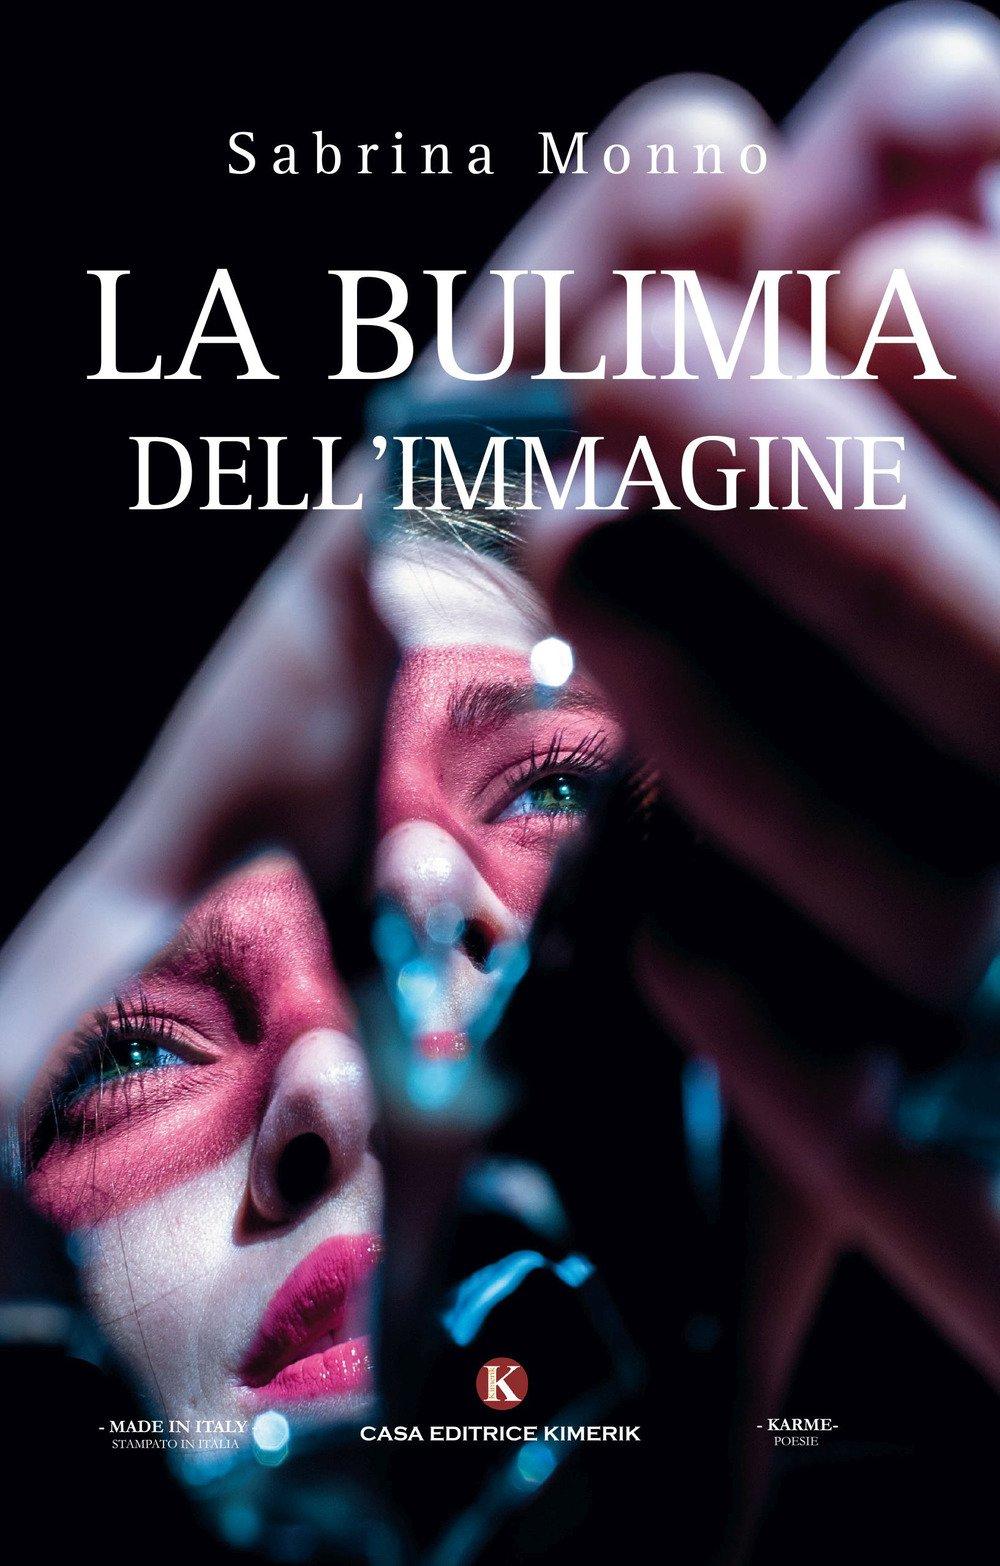 La bulimia dell'immagine: il sé e l'altro nella poesia di Sabrina Monno